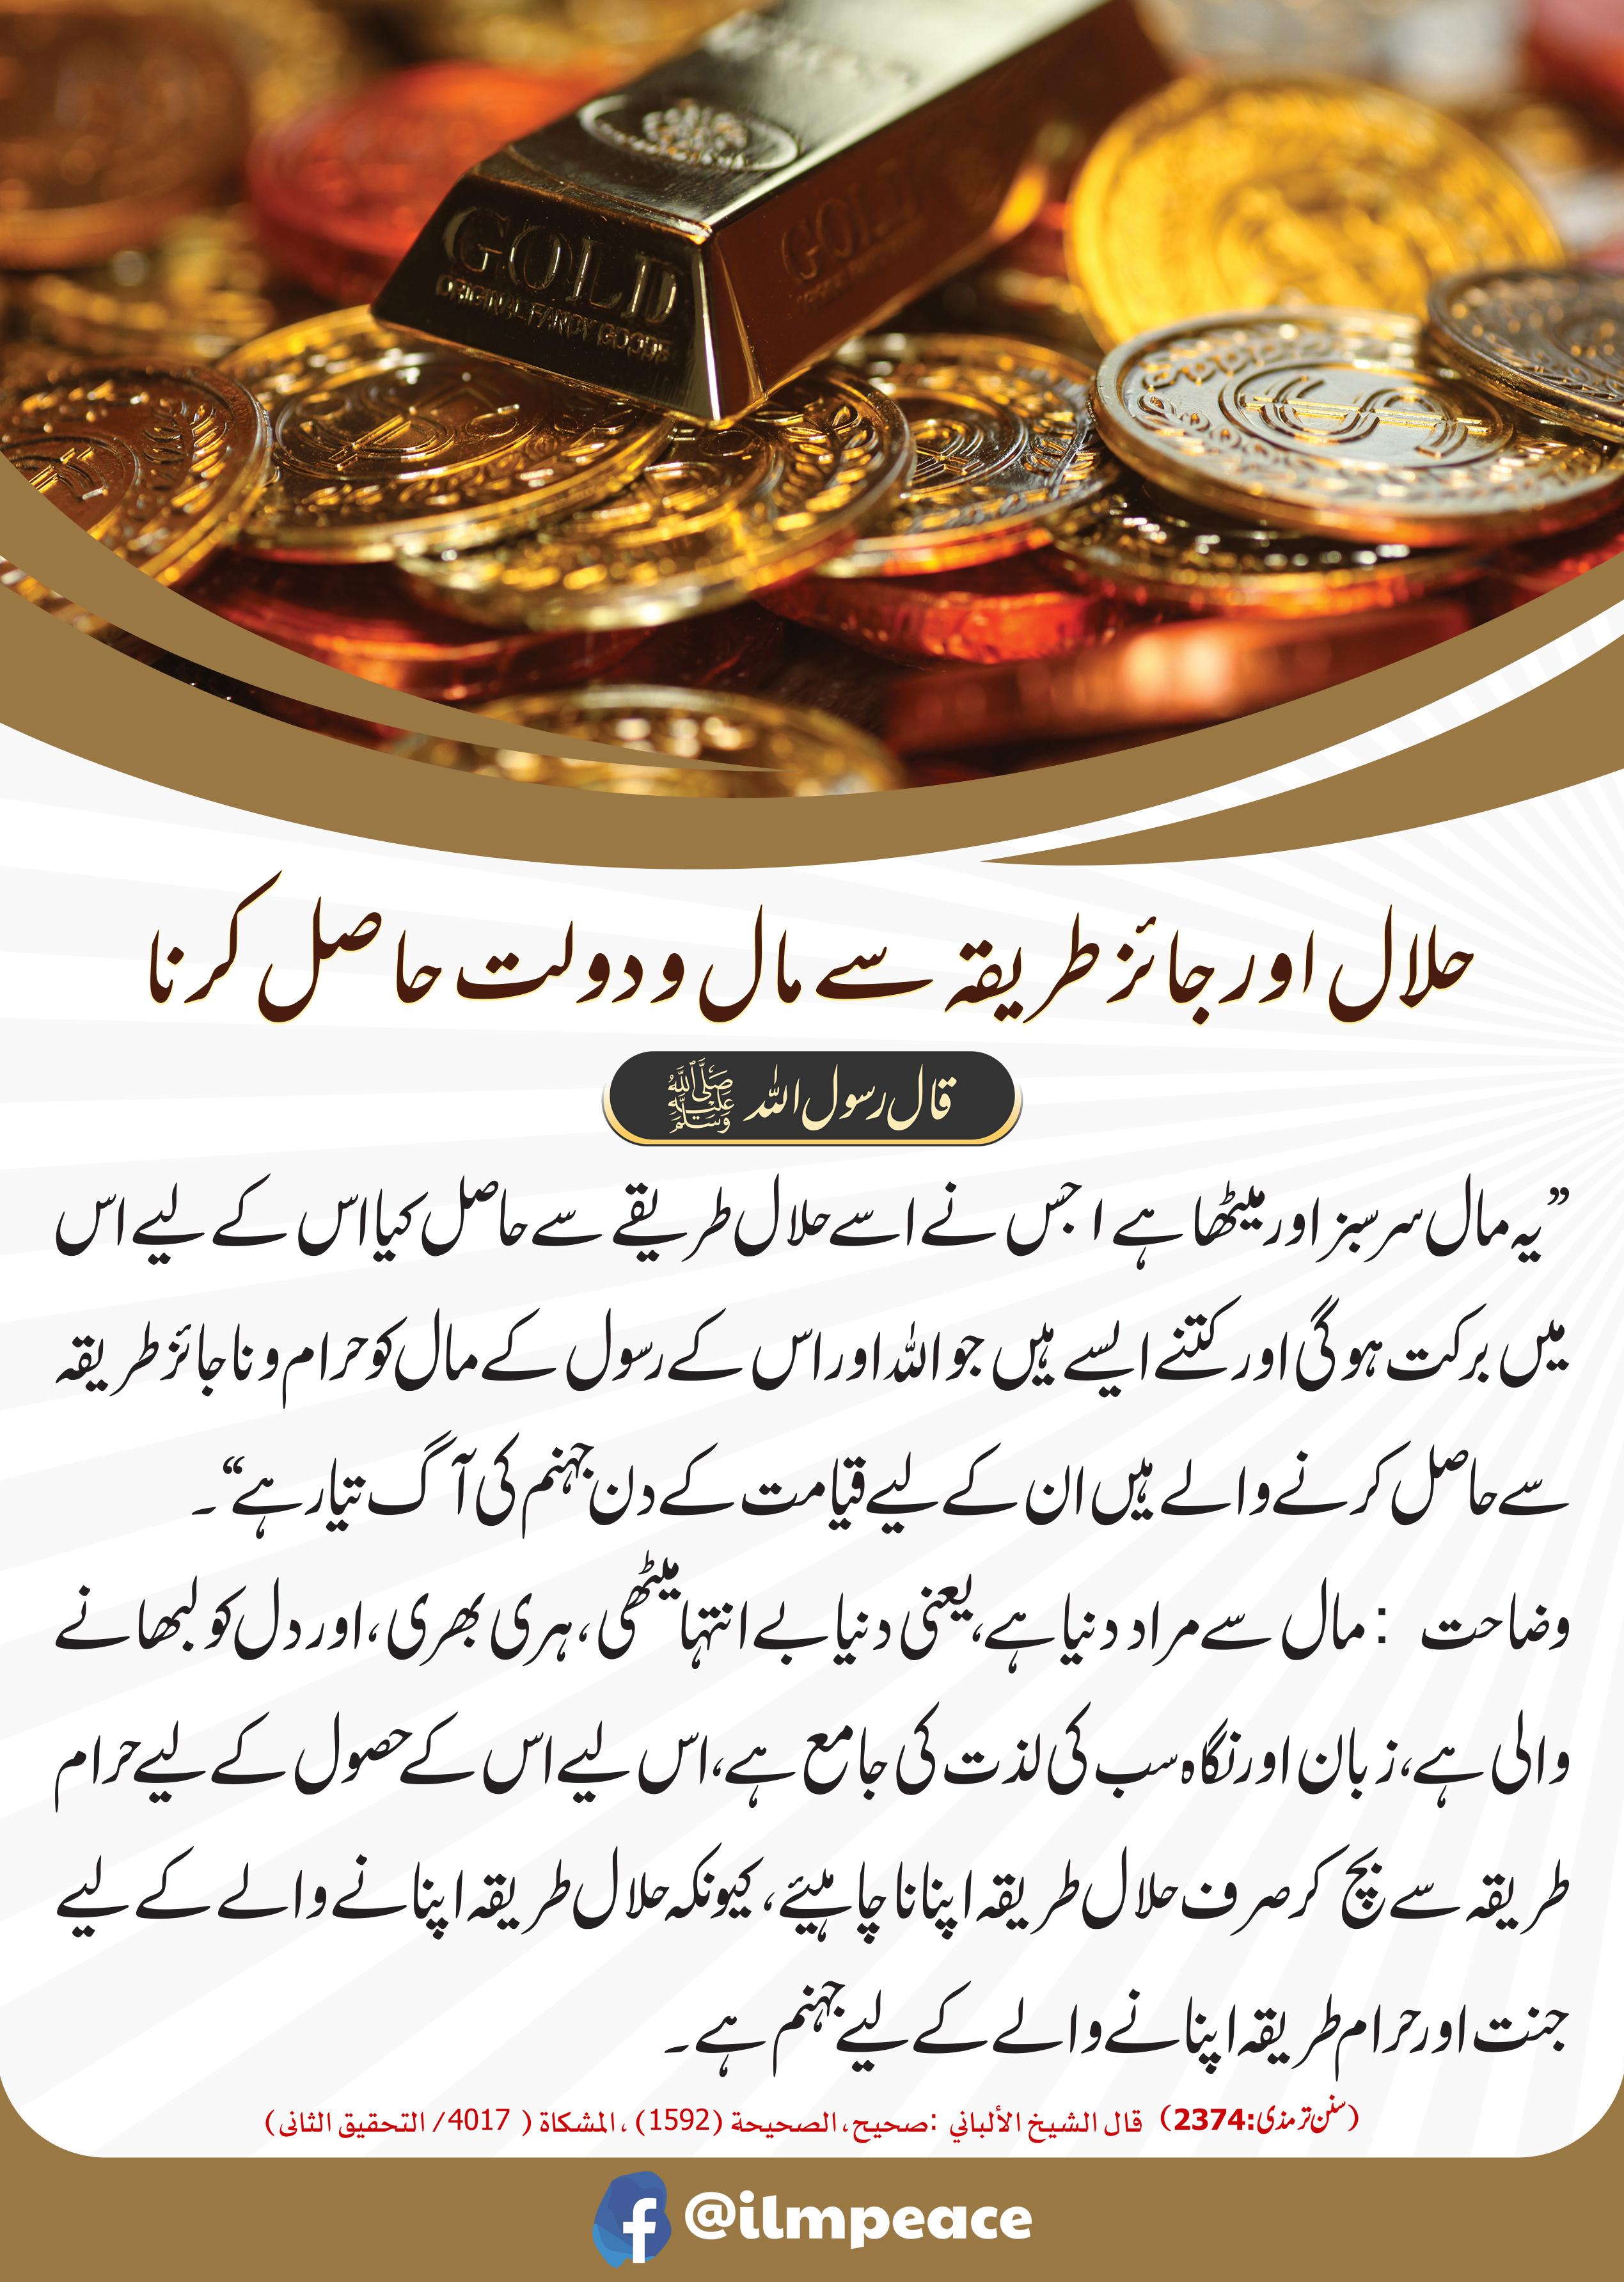 حلال اور جائز طریقہ سے مال و دولت حاصل کرنا JPG.jpg